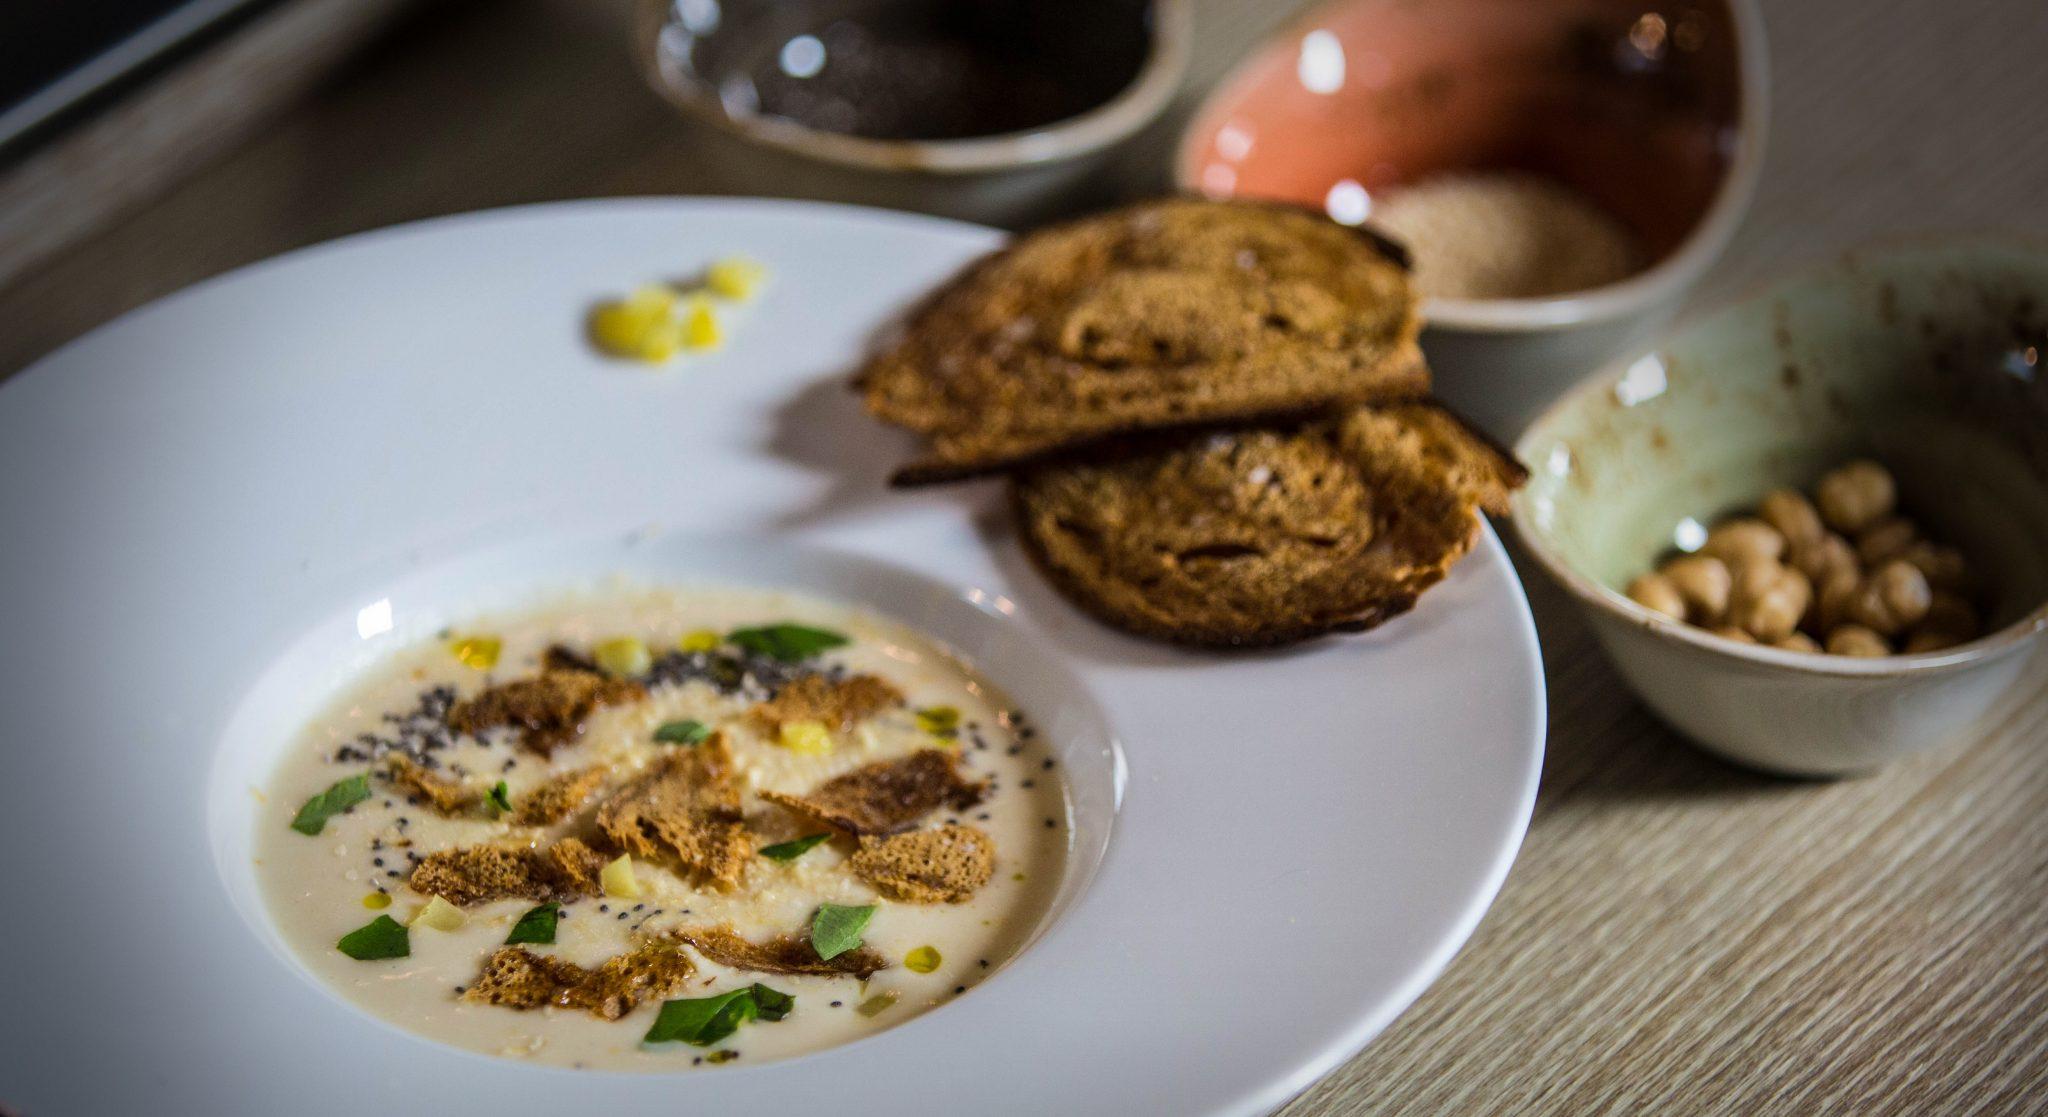 zuppa di fagioli gourmet di Igles Corelli a 4 mani con Sara Farnetti